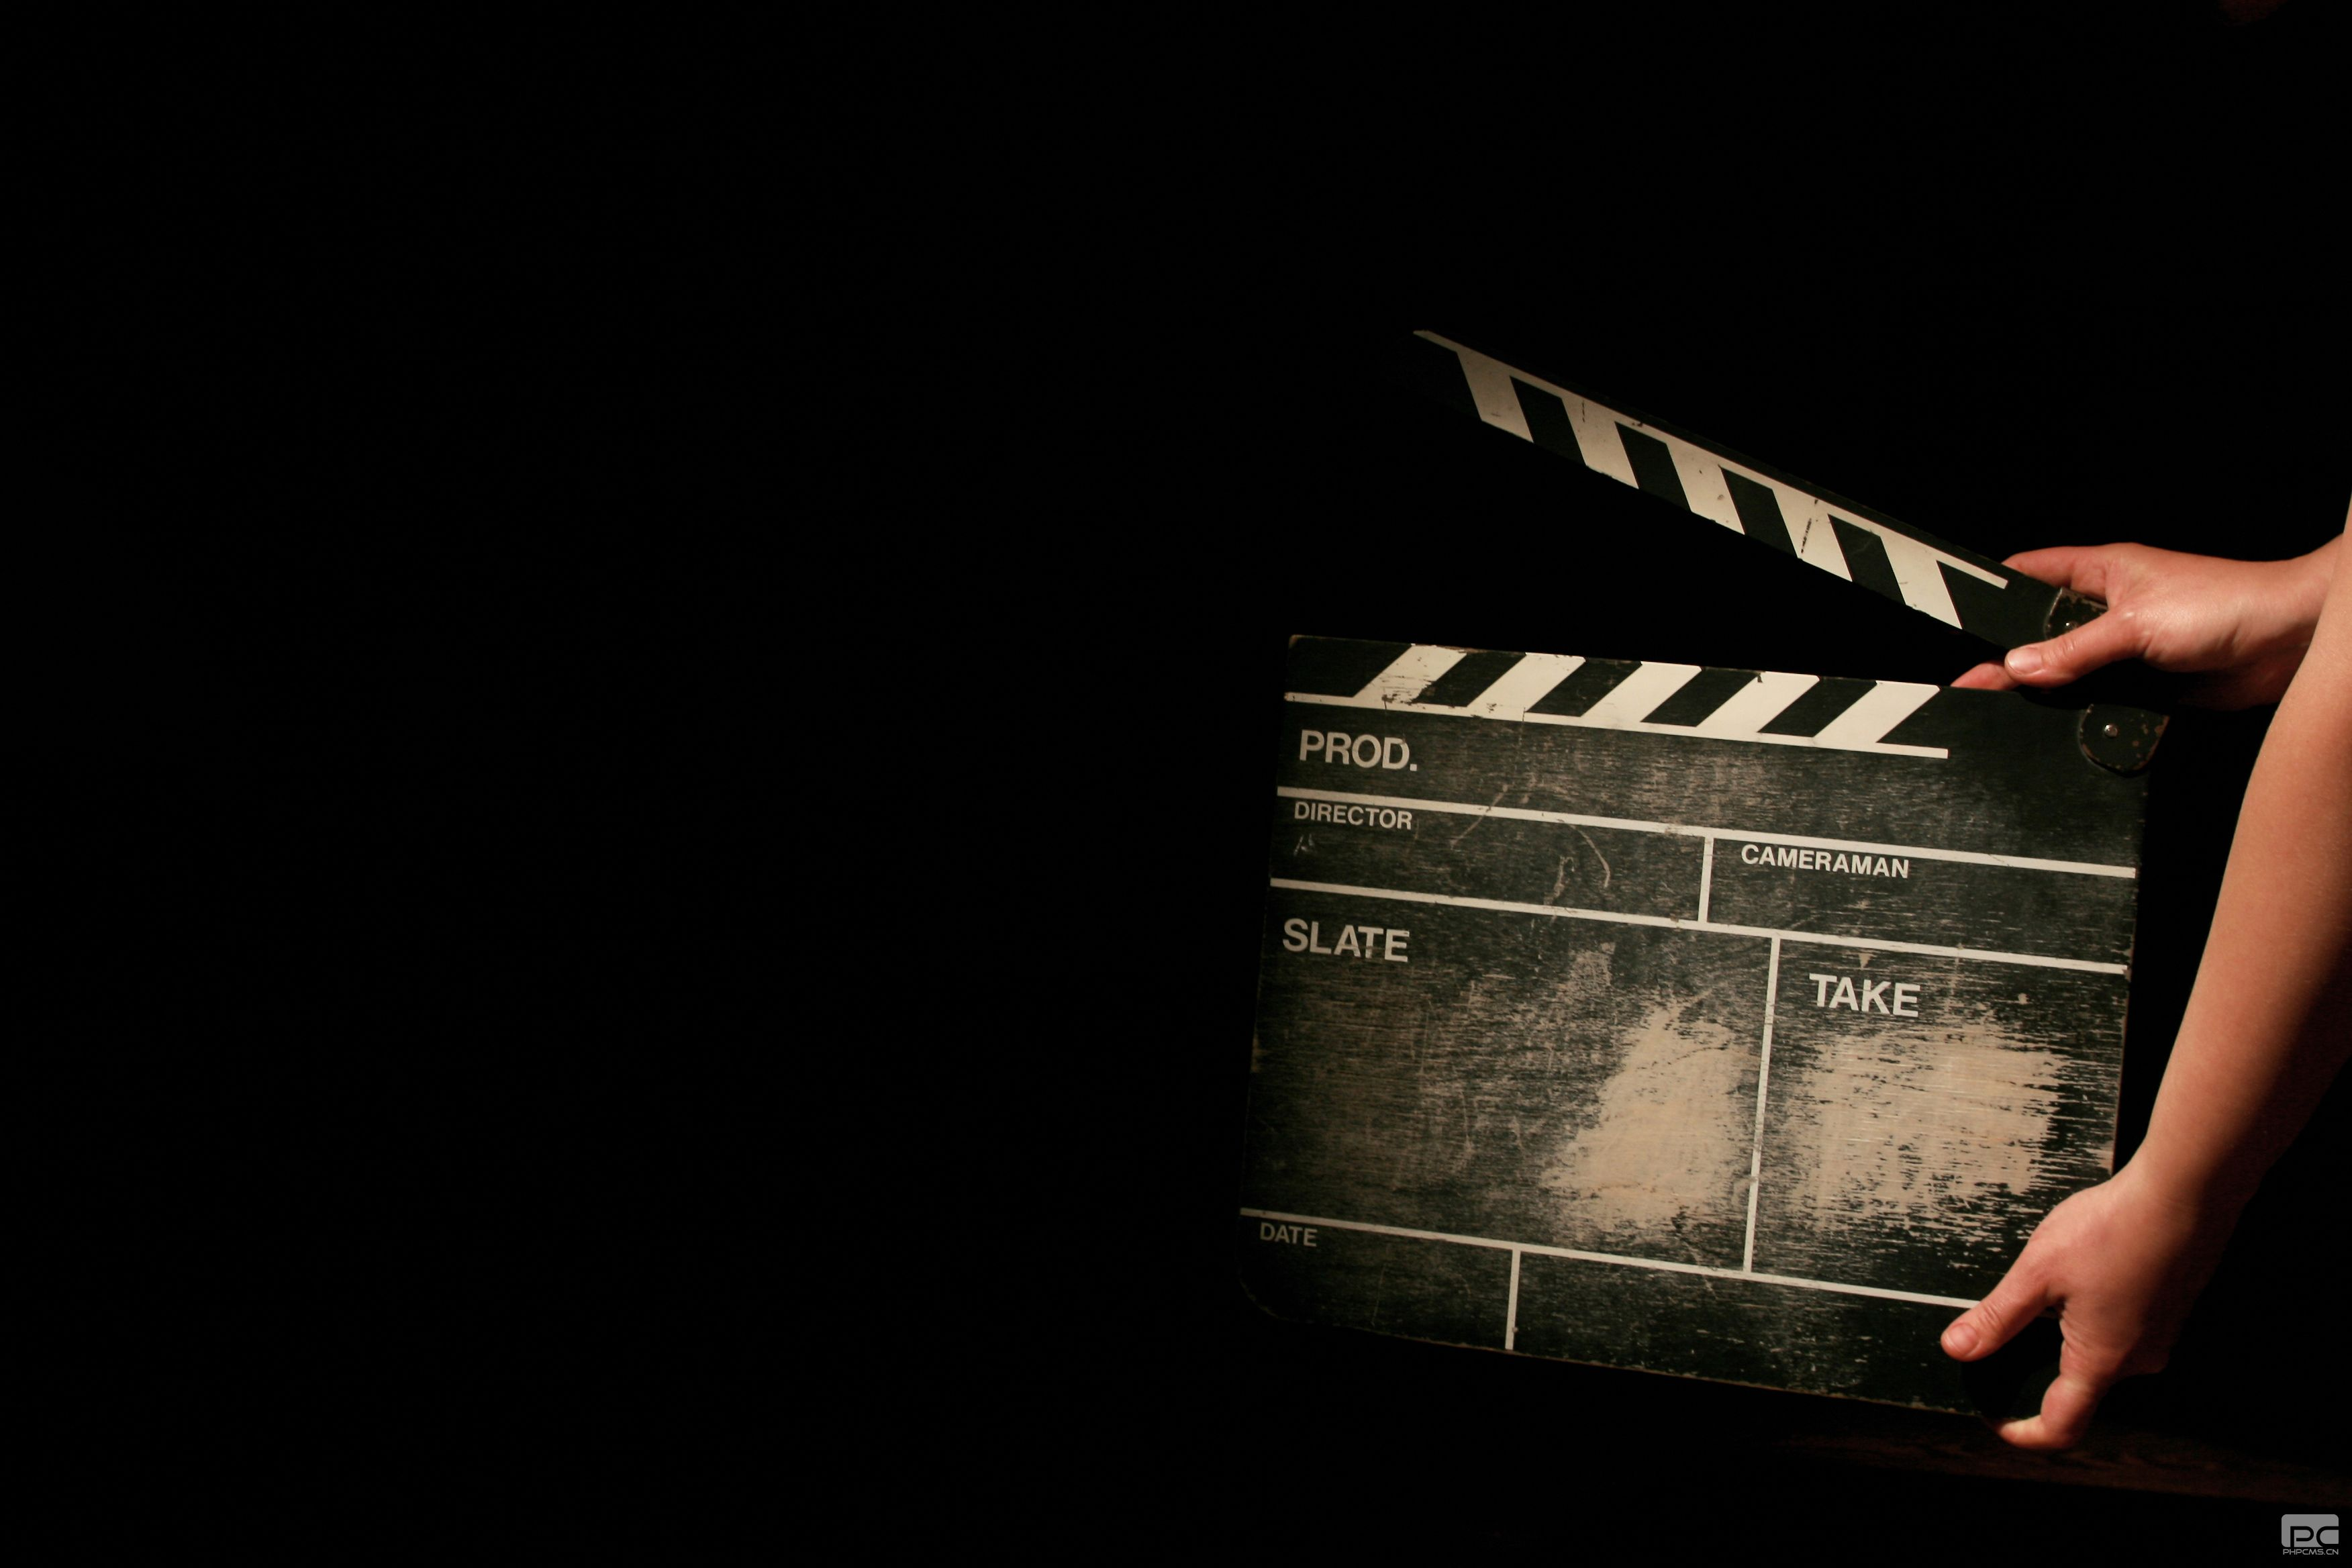 企业形象宣传片拍摄制作技巧